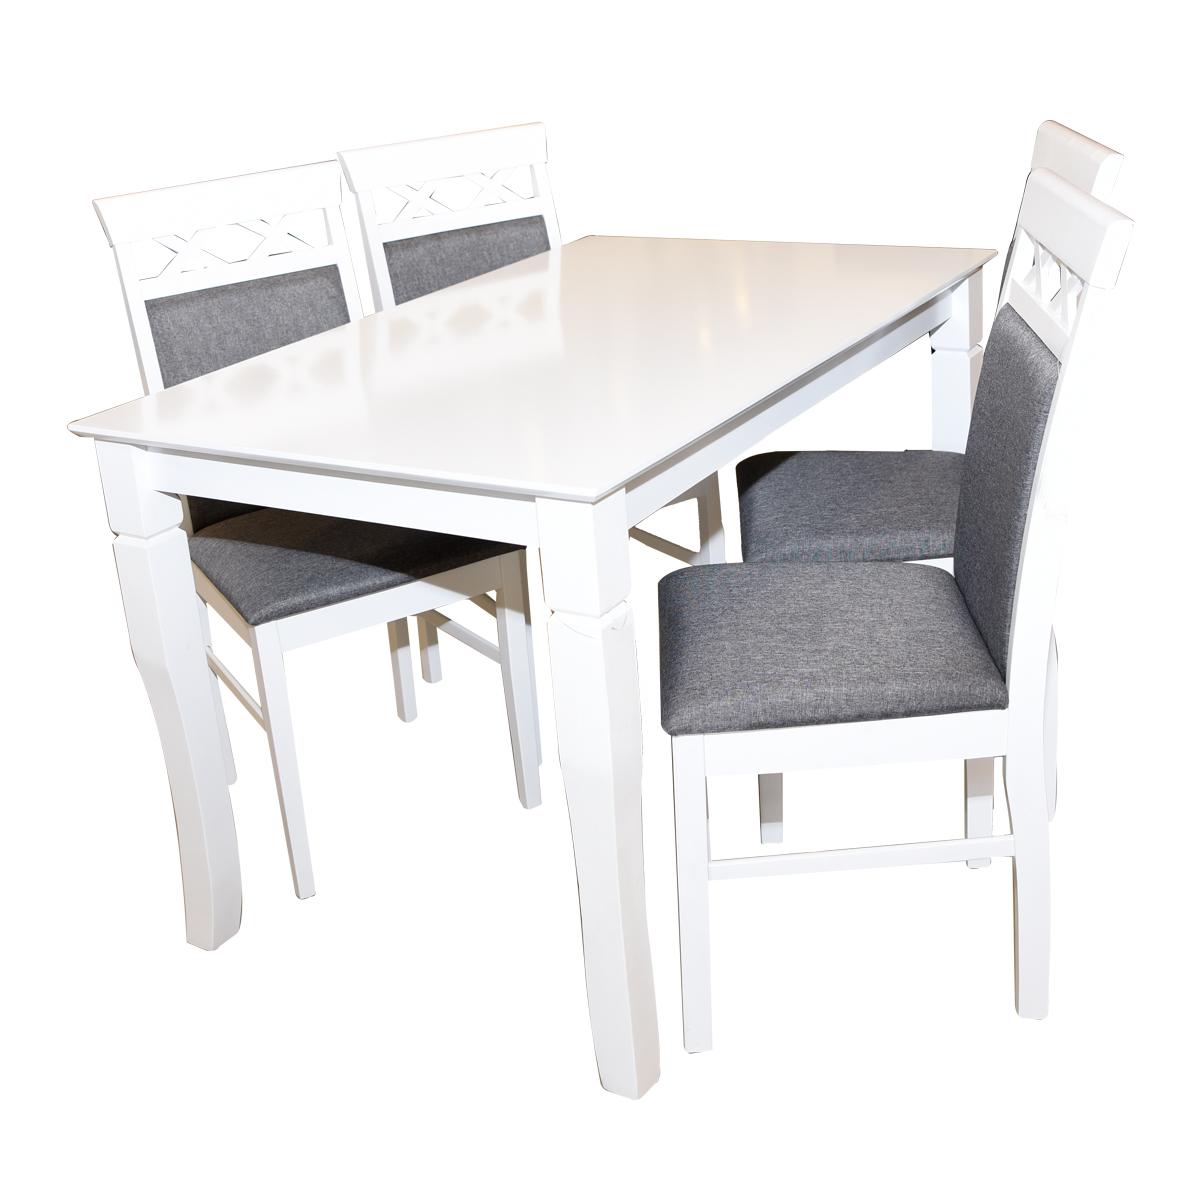 طاولة طعام خشبية مع  4 كرسي  - لون ابيض - ماليزي